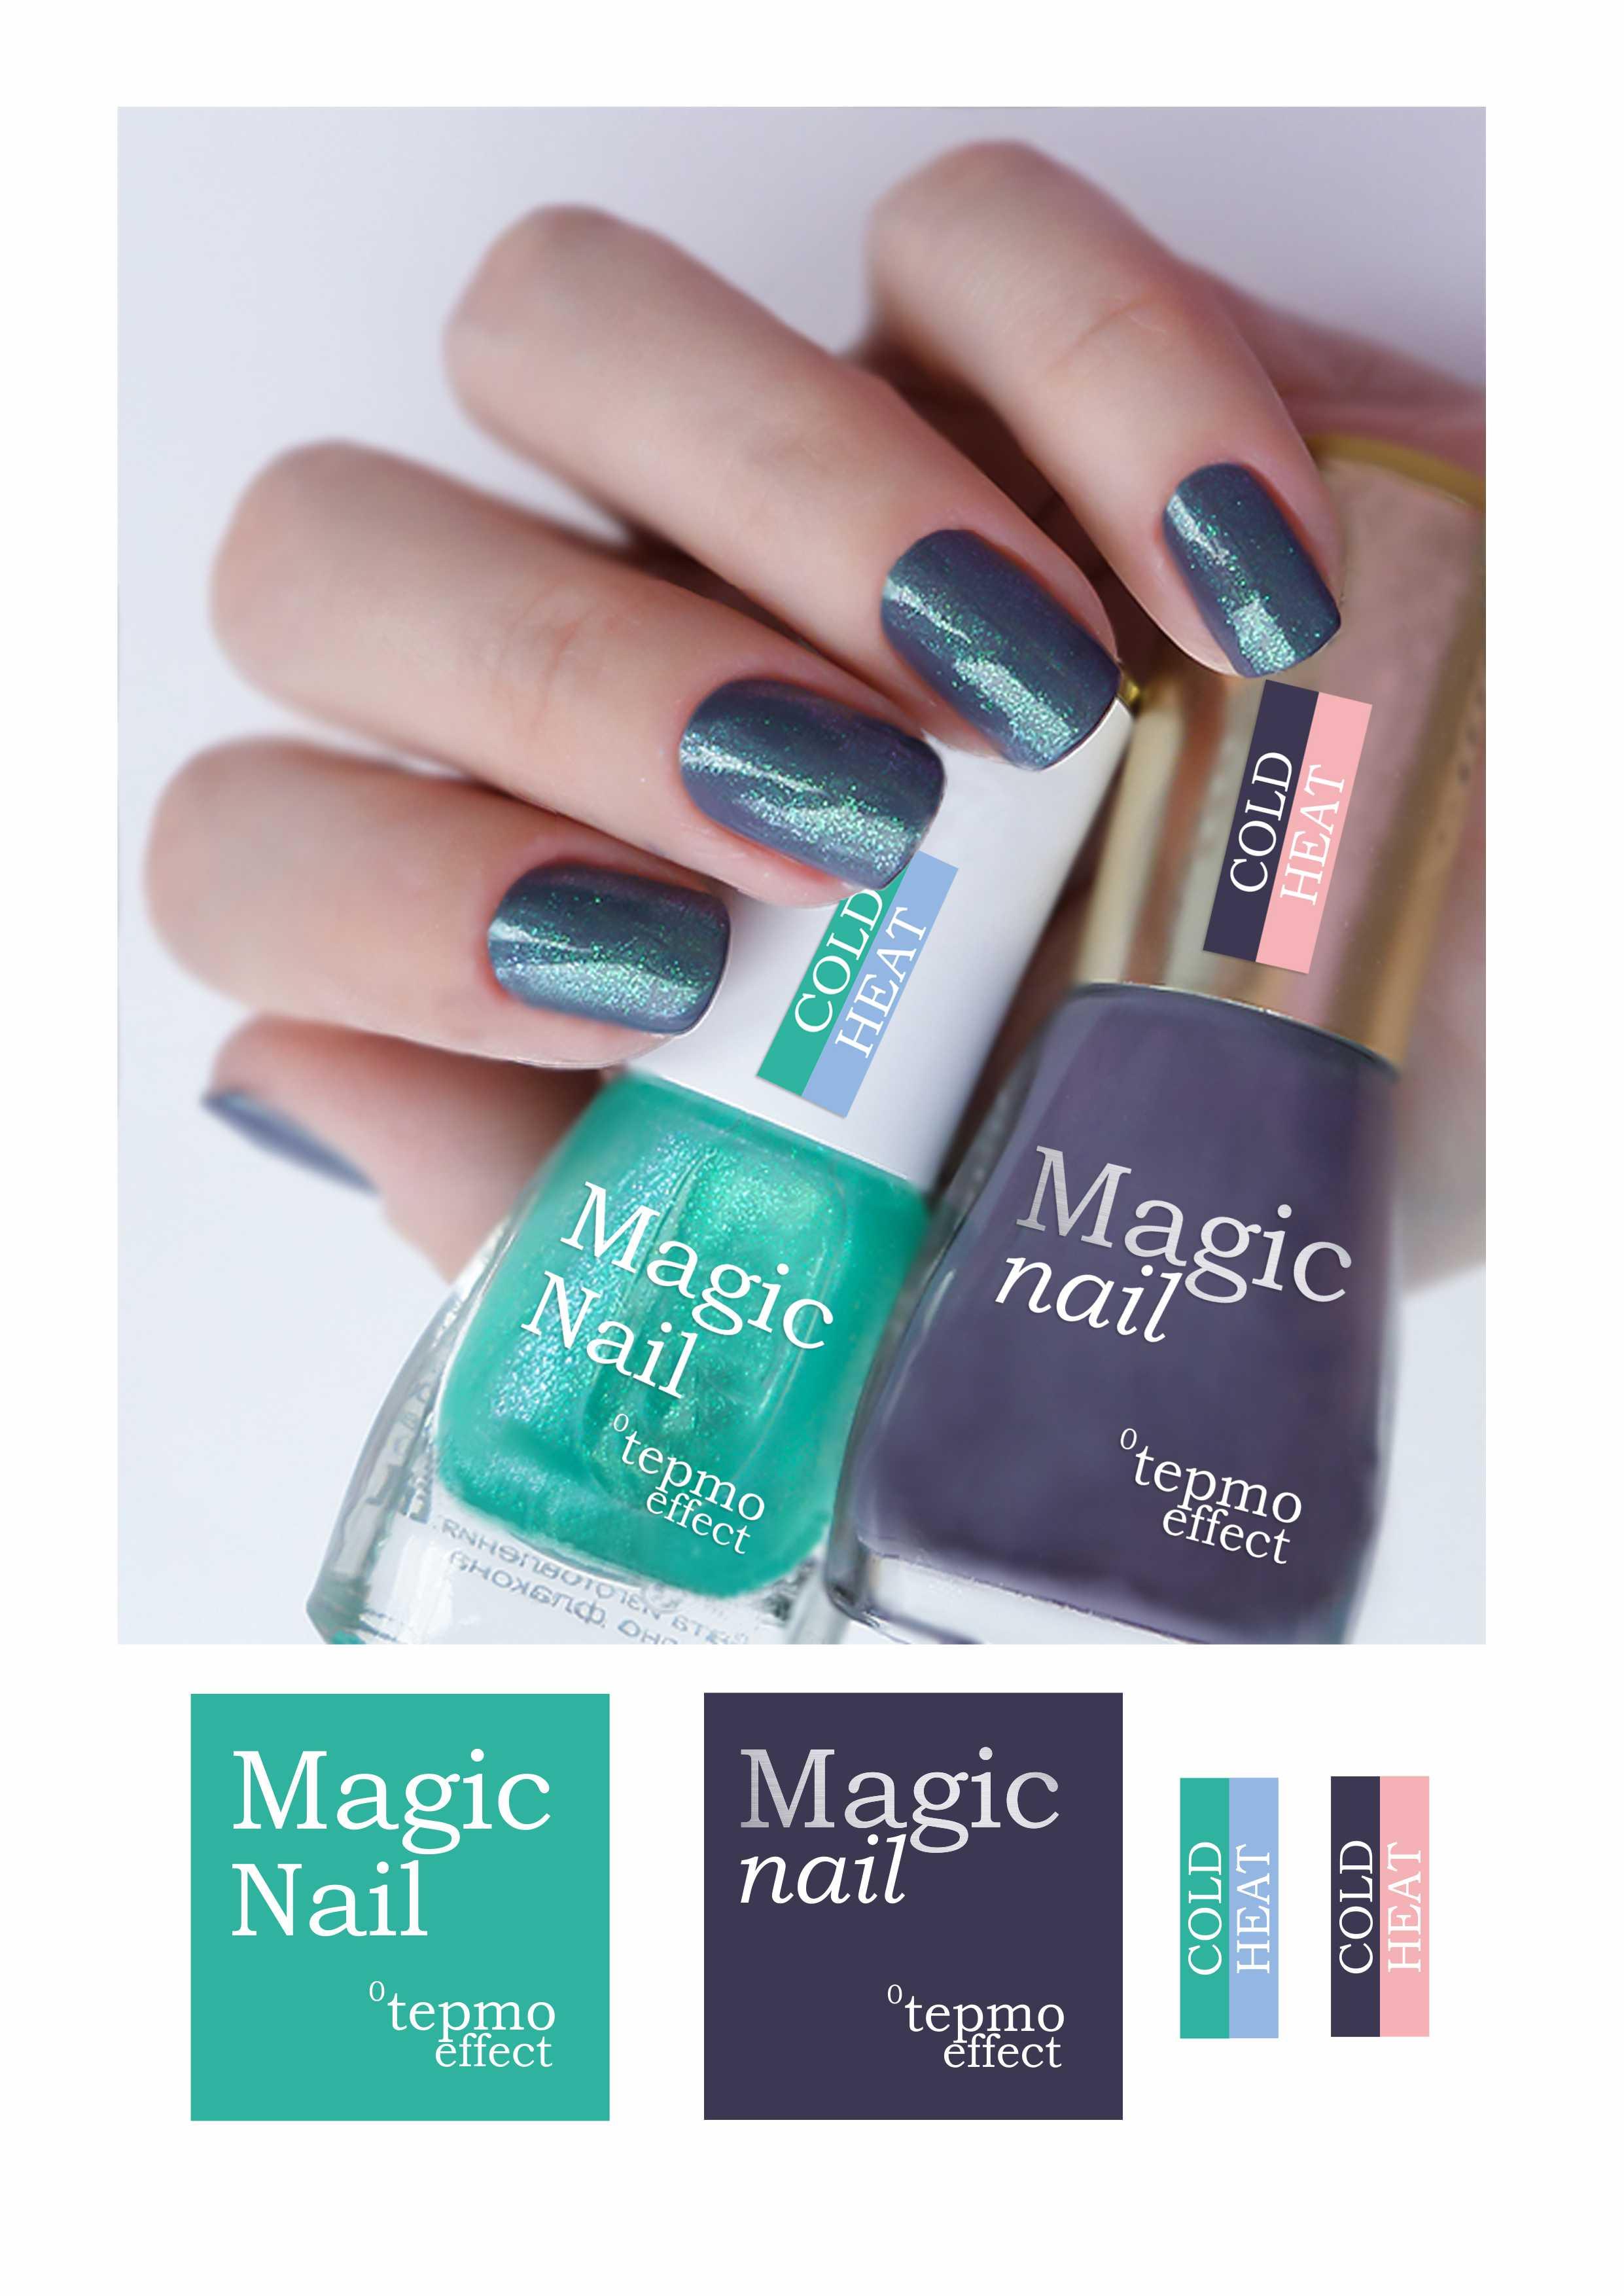 Дизайн этикетки лака для ногтей и логотип! фото f_0235a0d8eaf5f3e9.jpg